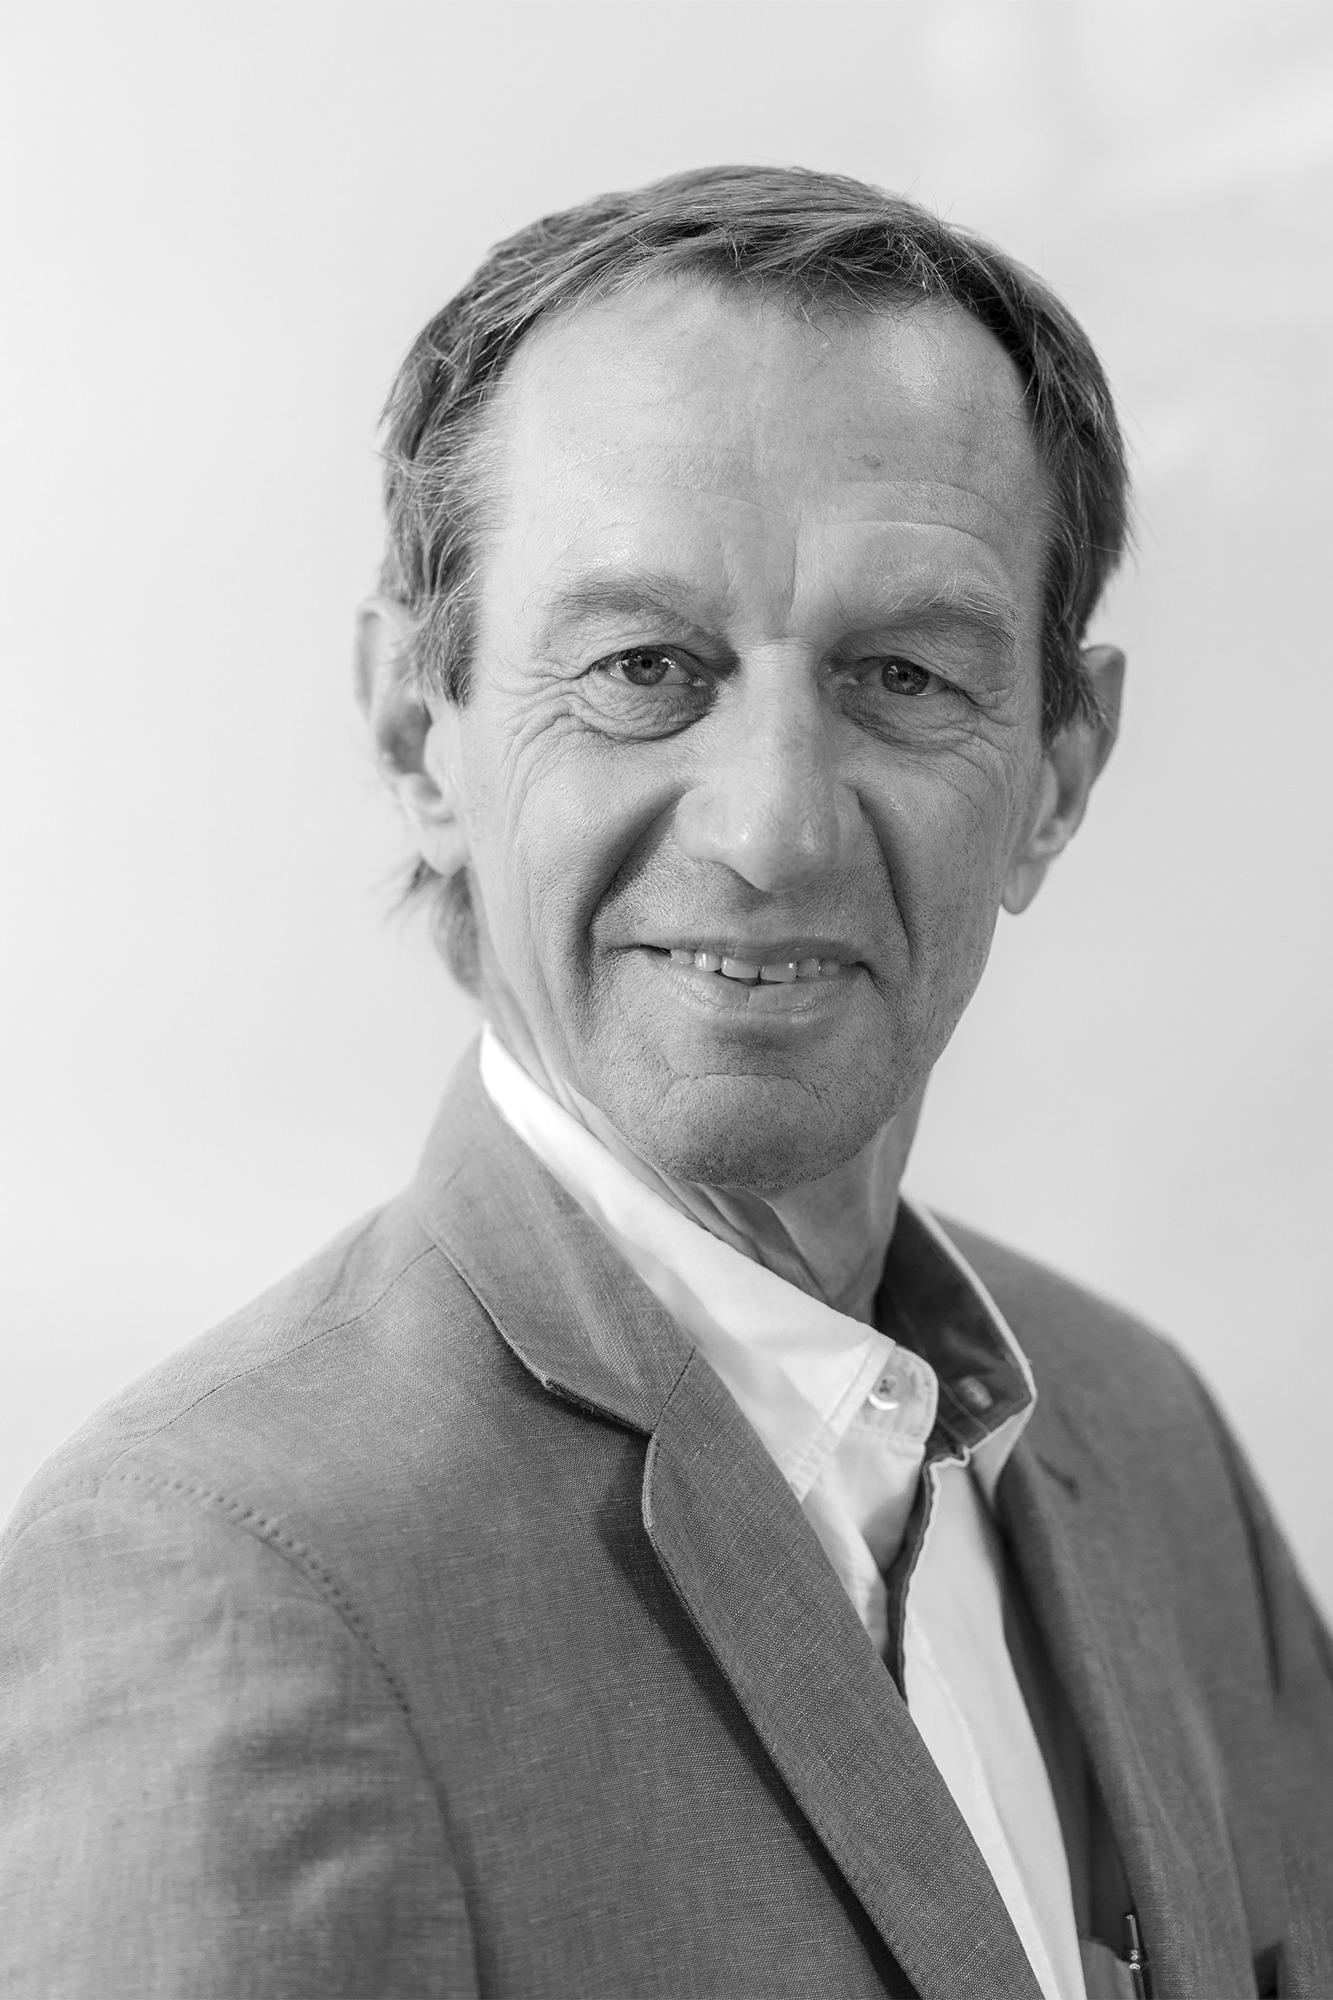 Franz Kortschak